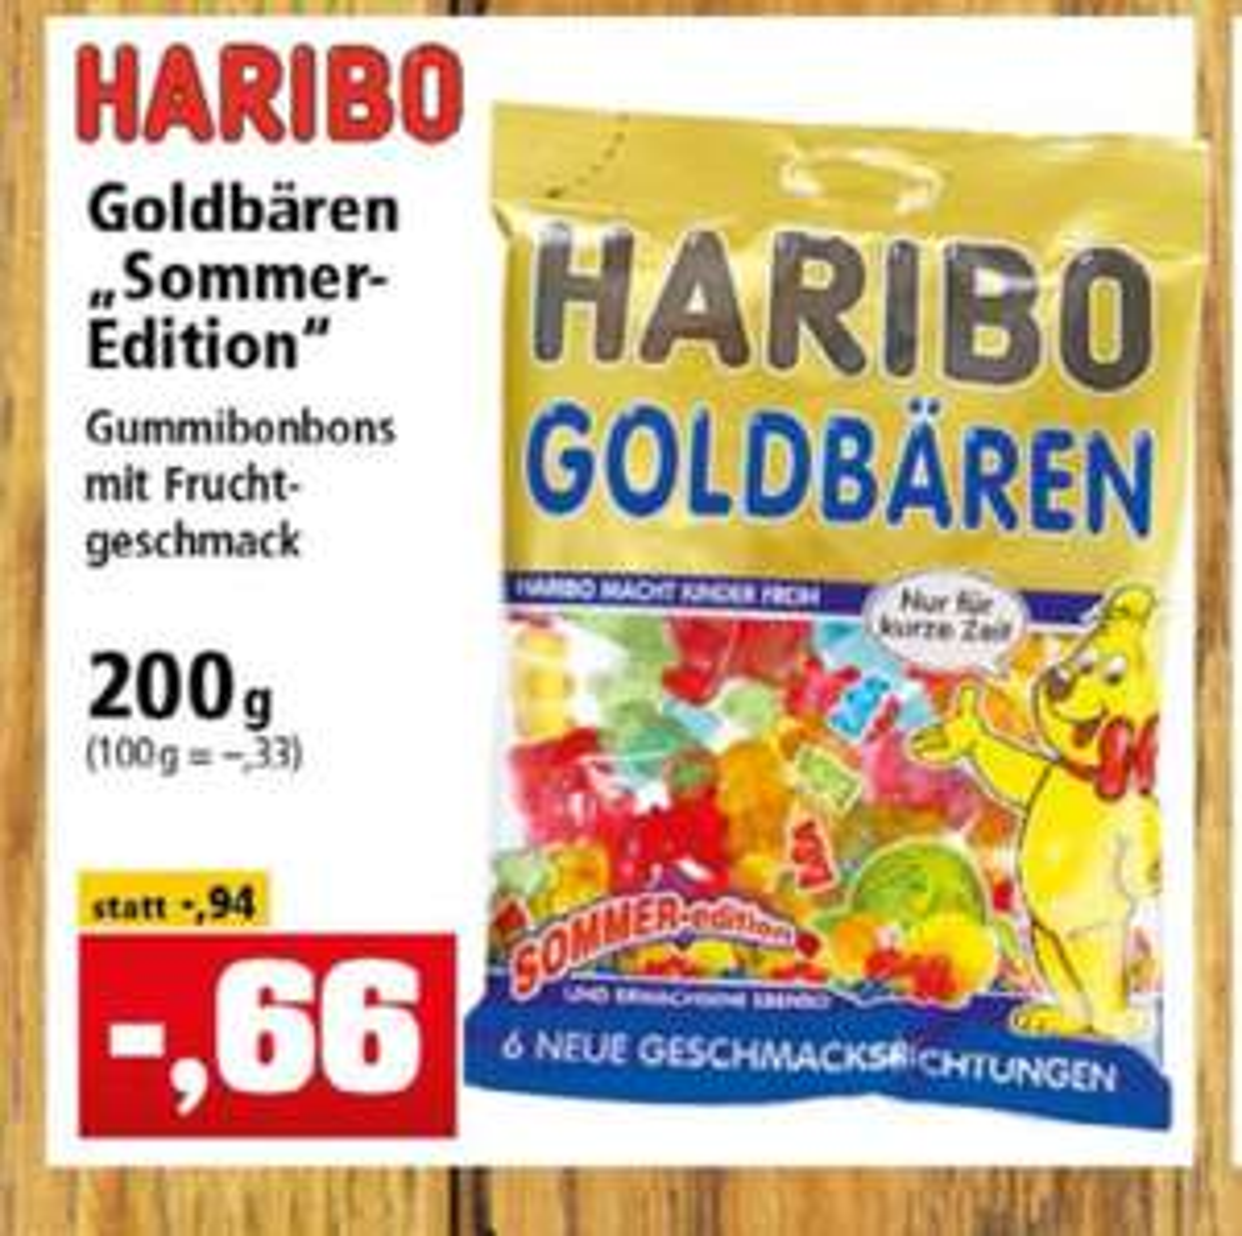 """Haribo Goldbären """"Sommer-Edition"""" 200g für 0,66€ [Thomas Philipps]"""